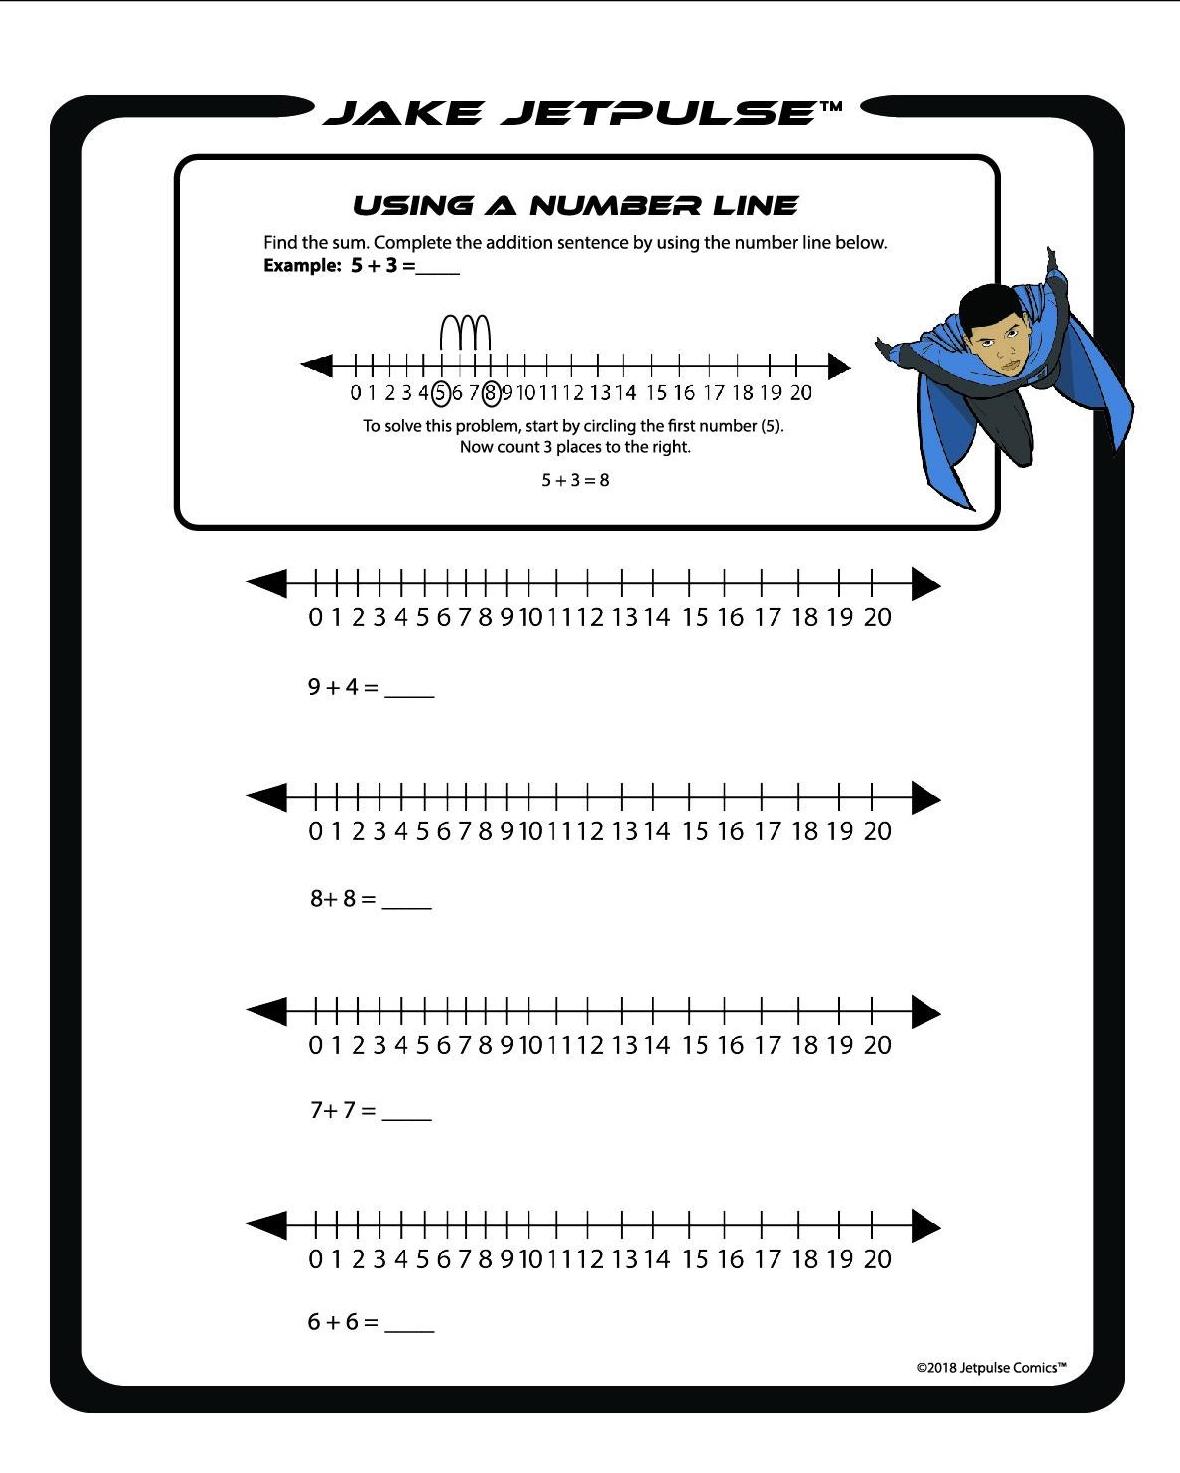 number_line.jpg